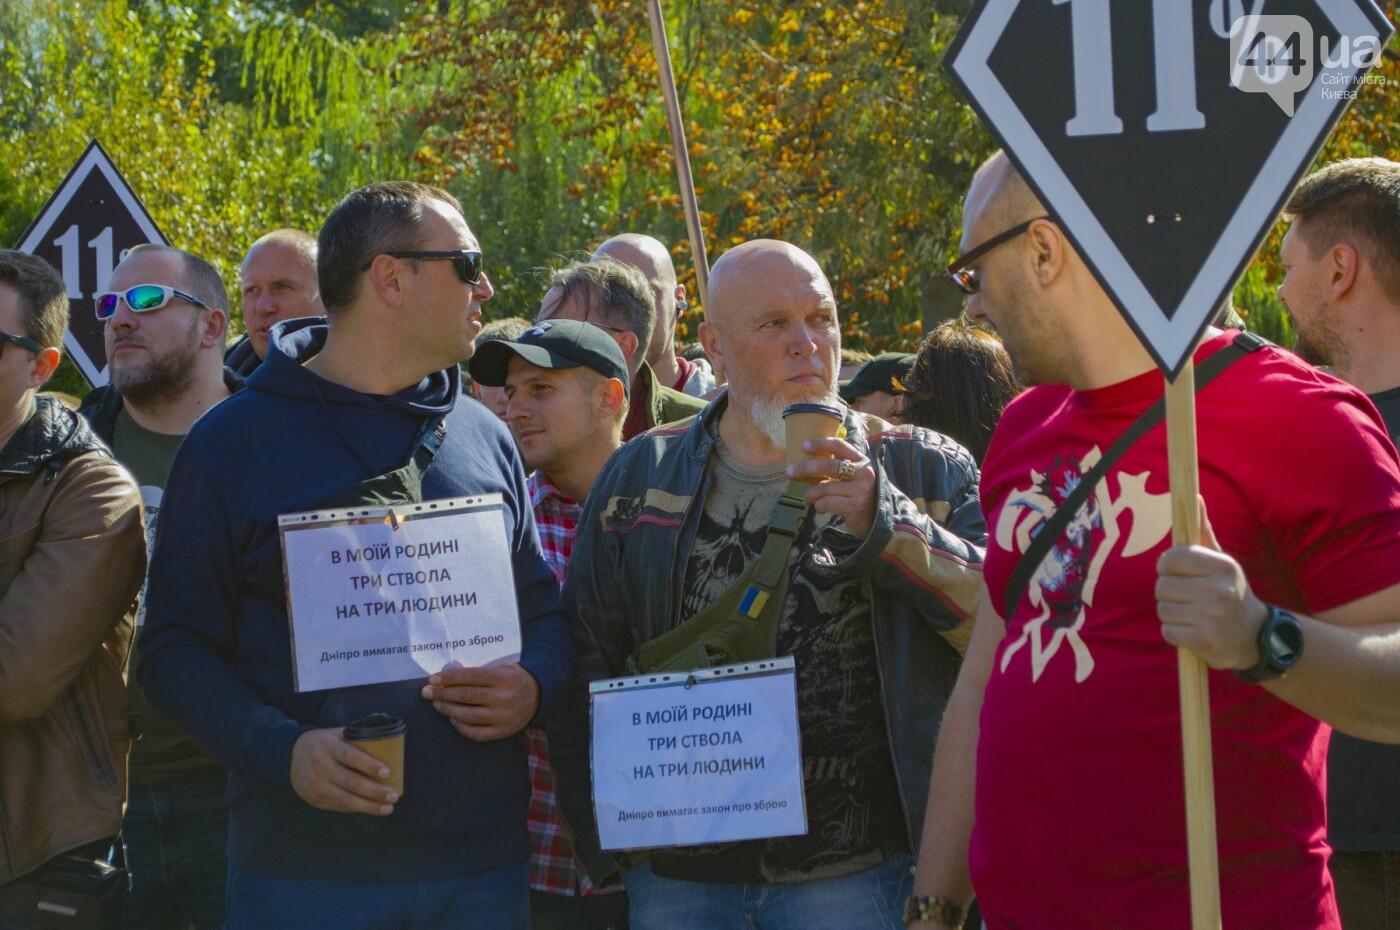 С волынкой, барабанами и черепом: как в Киеве люди митинговали за право на самооборону, фото-5